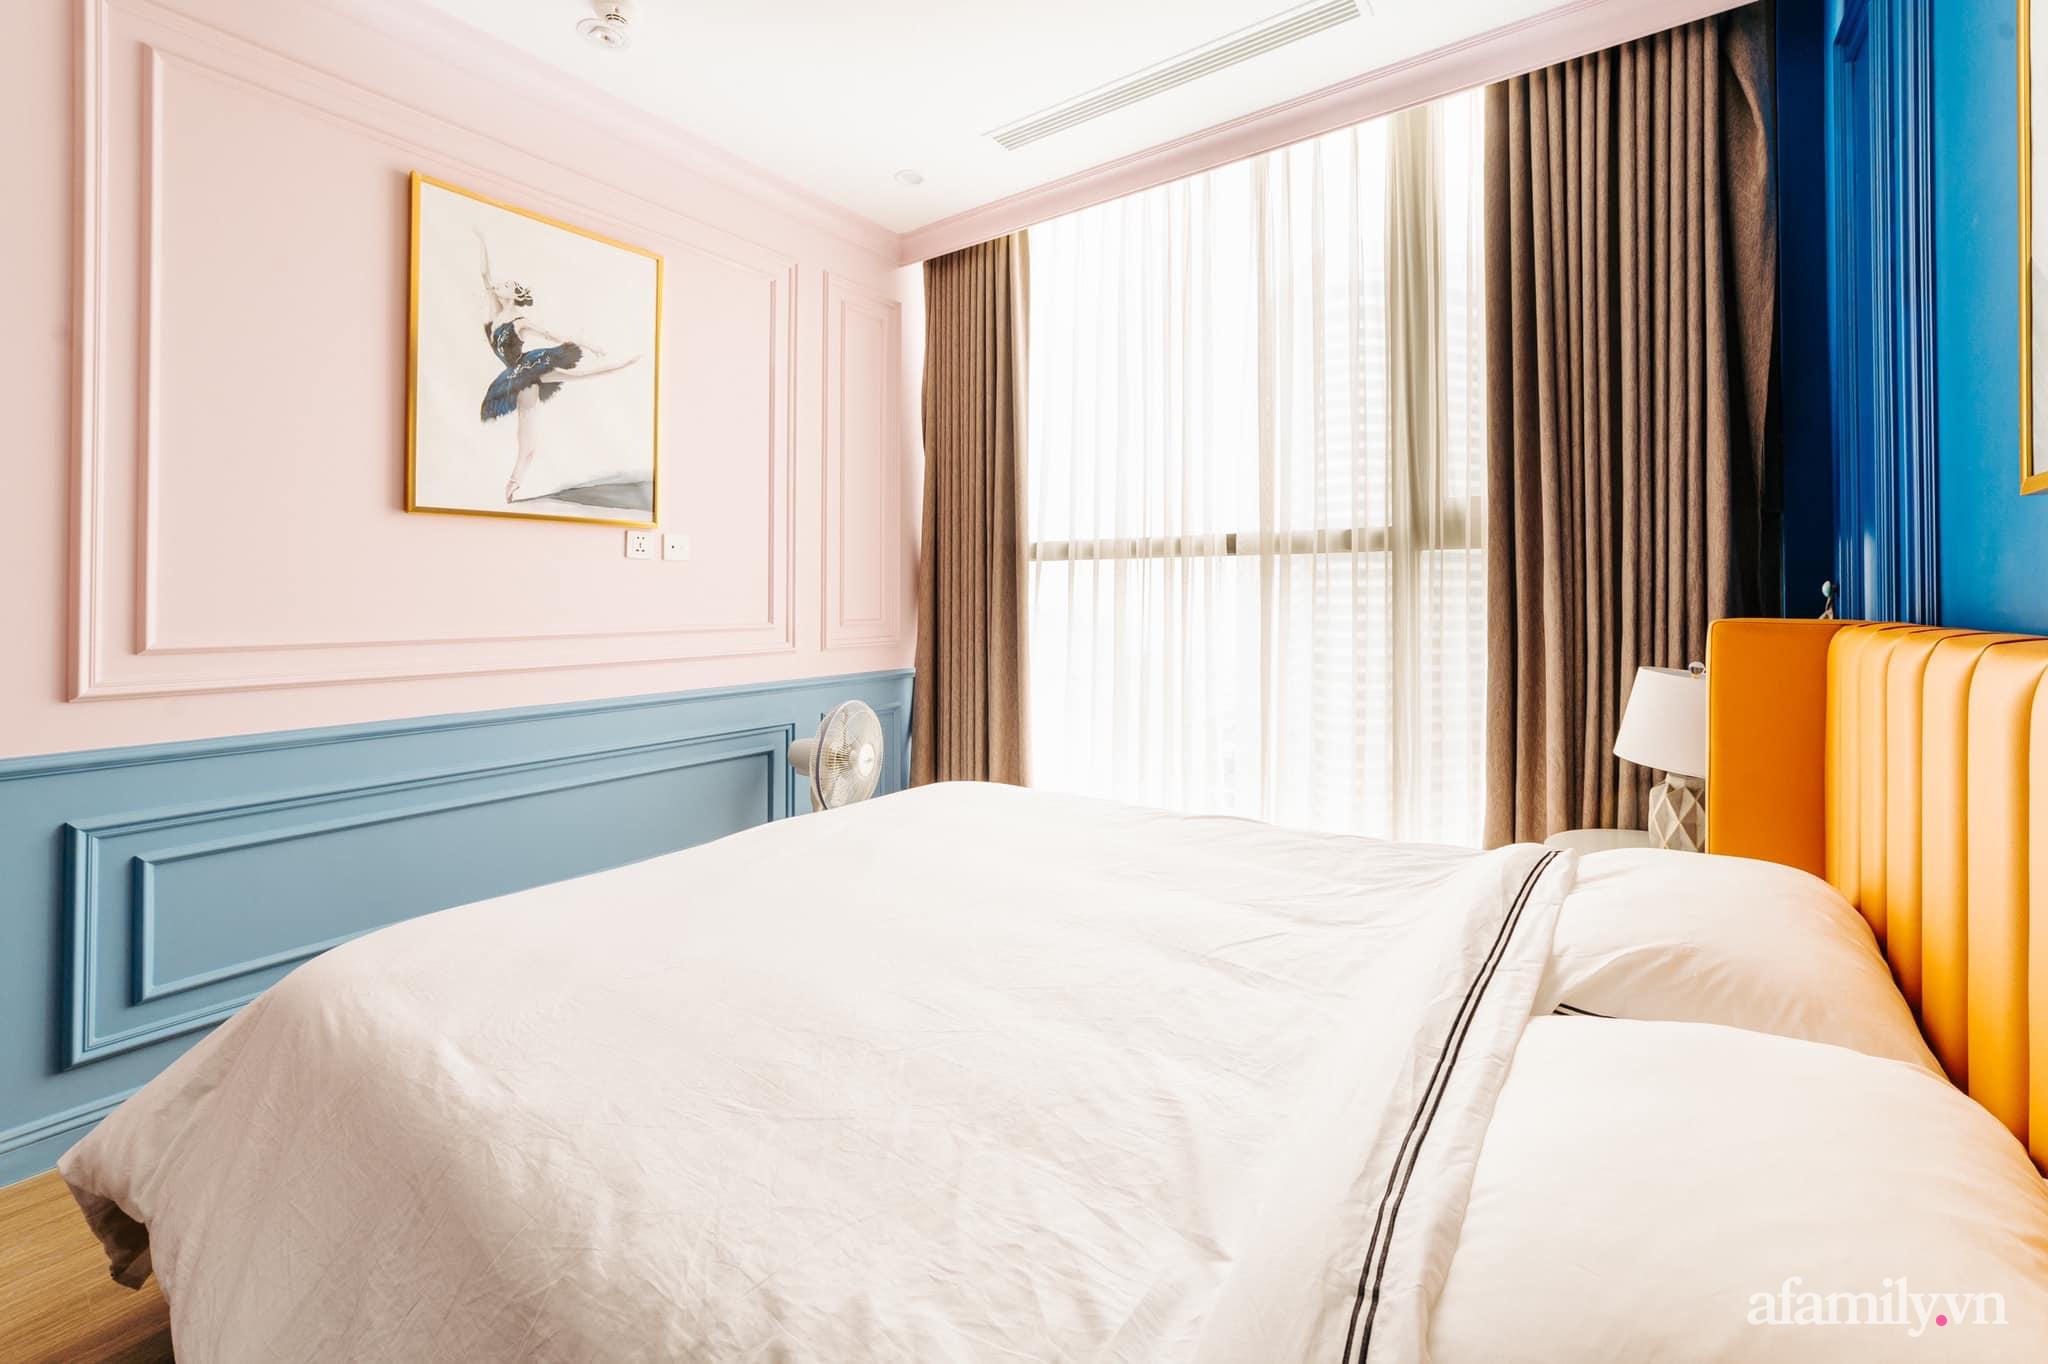 Căn hộ 45m² đẹp không góc chết với điểm nhấn màu xanh hồng cực chất có chi phí hoàn thiện 200 triệu đồng ở Hà Nội - Ảnh 15.